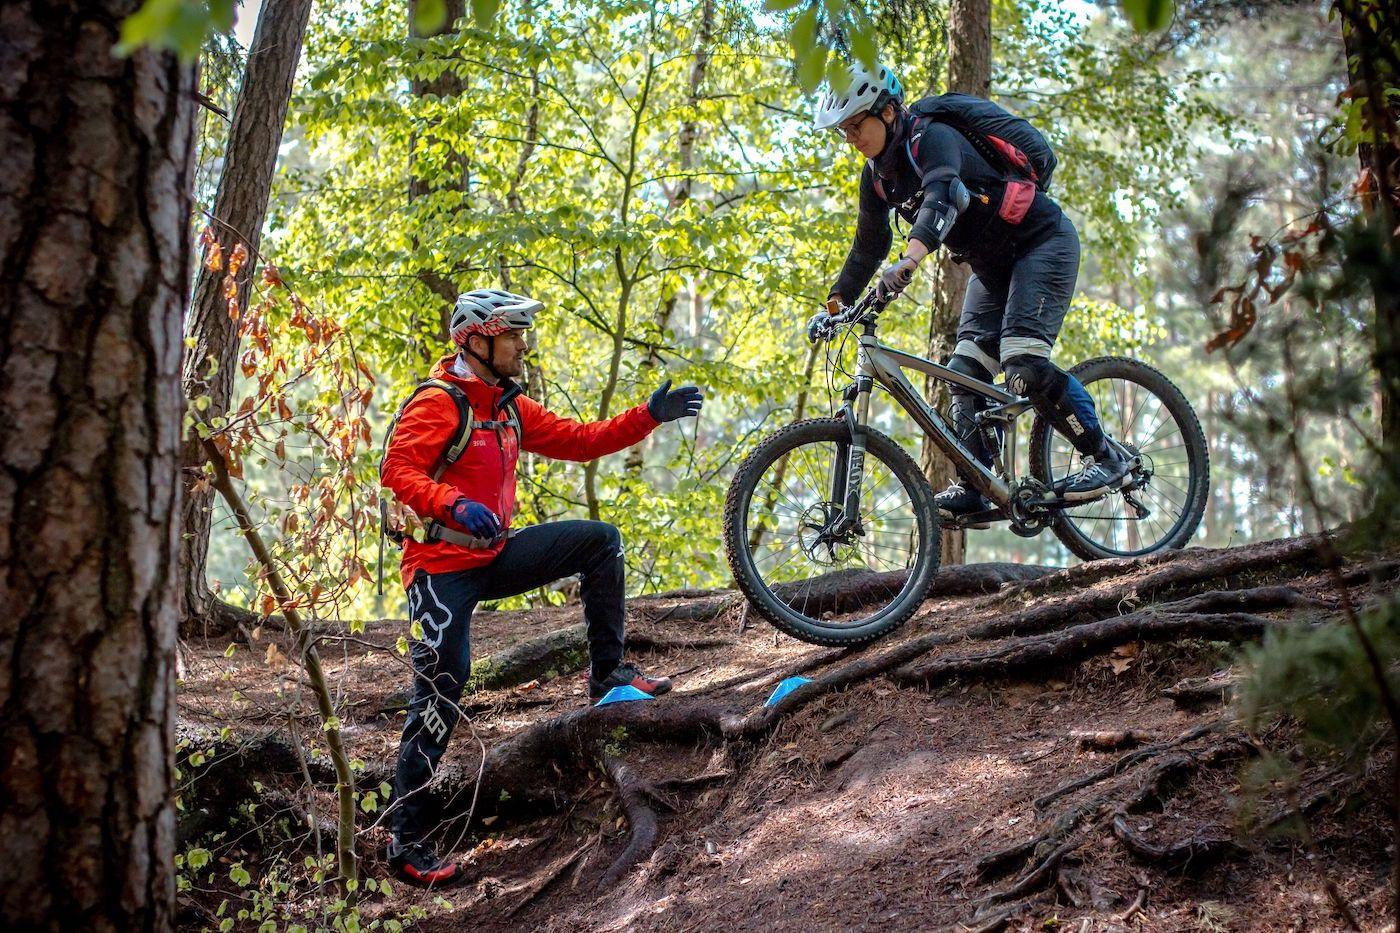 MTB Fahrtechnik Kurs Fortgeschrittene in Sasbachwalden - Mountainbike Fortgeschritten - Rock my Trail Bikeschule